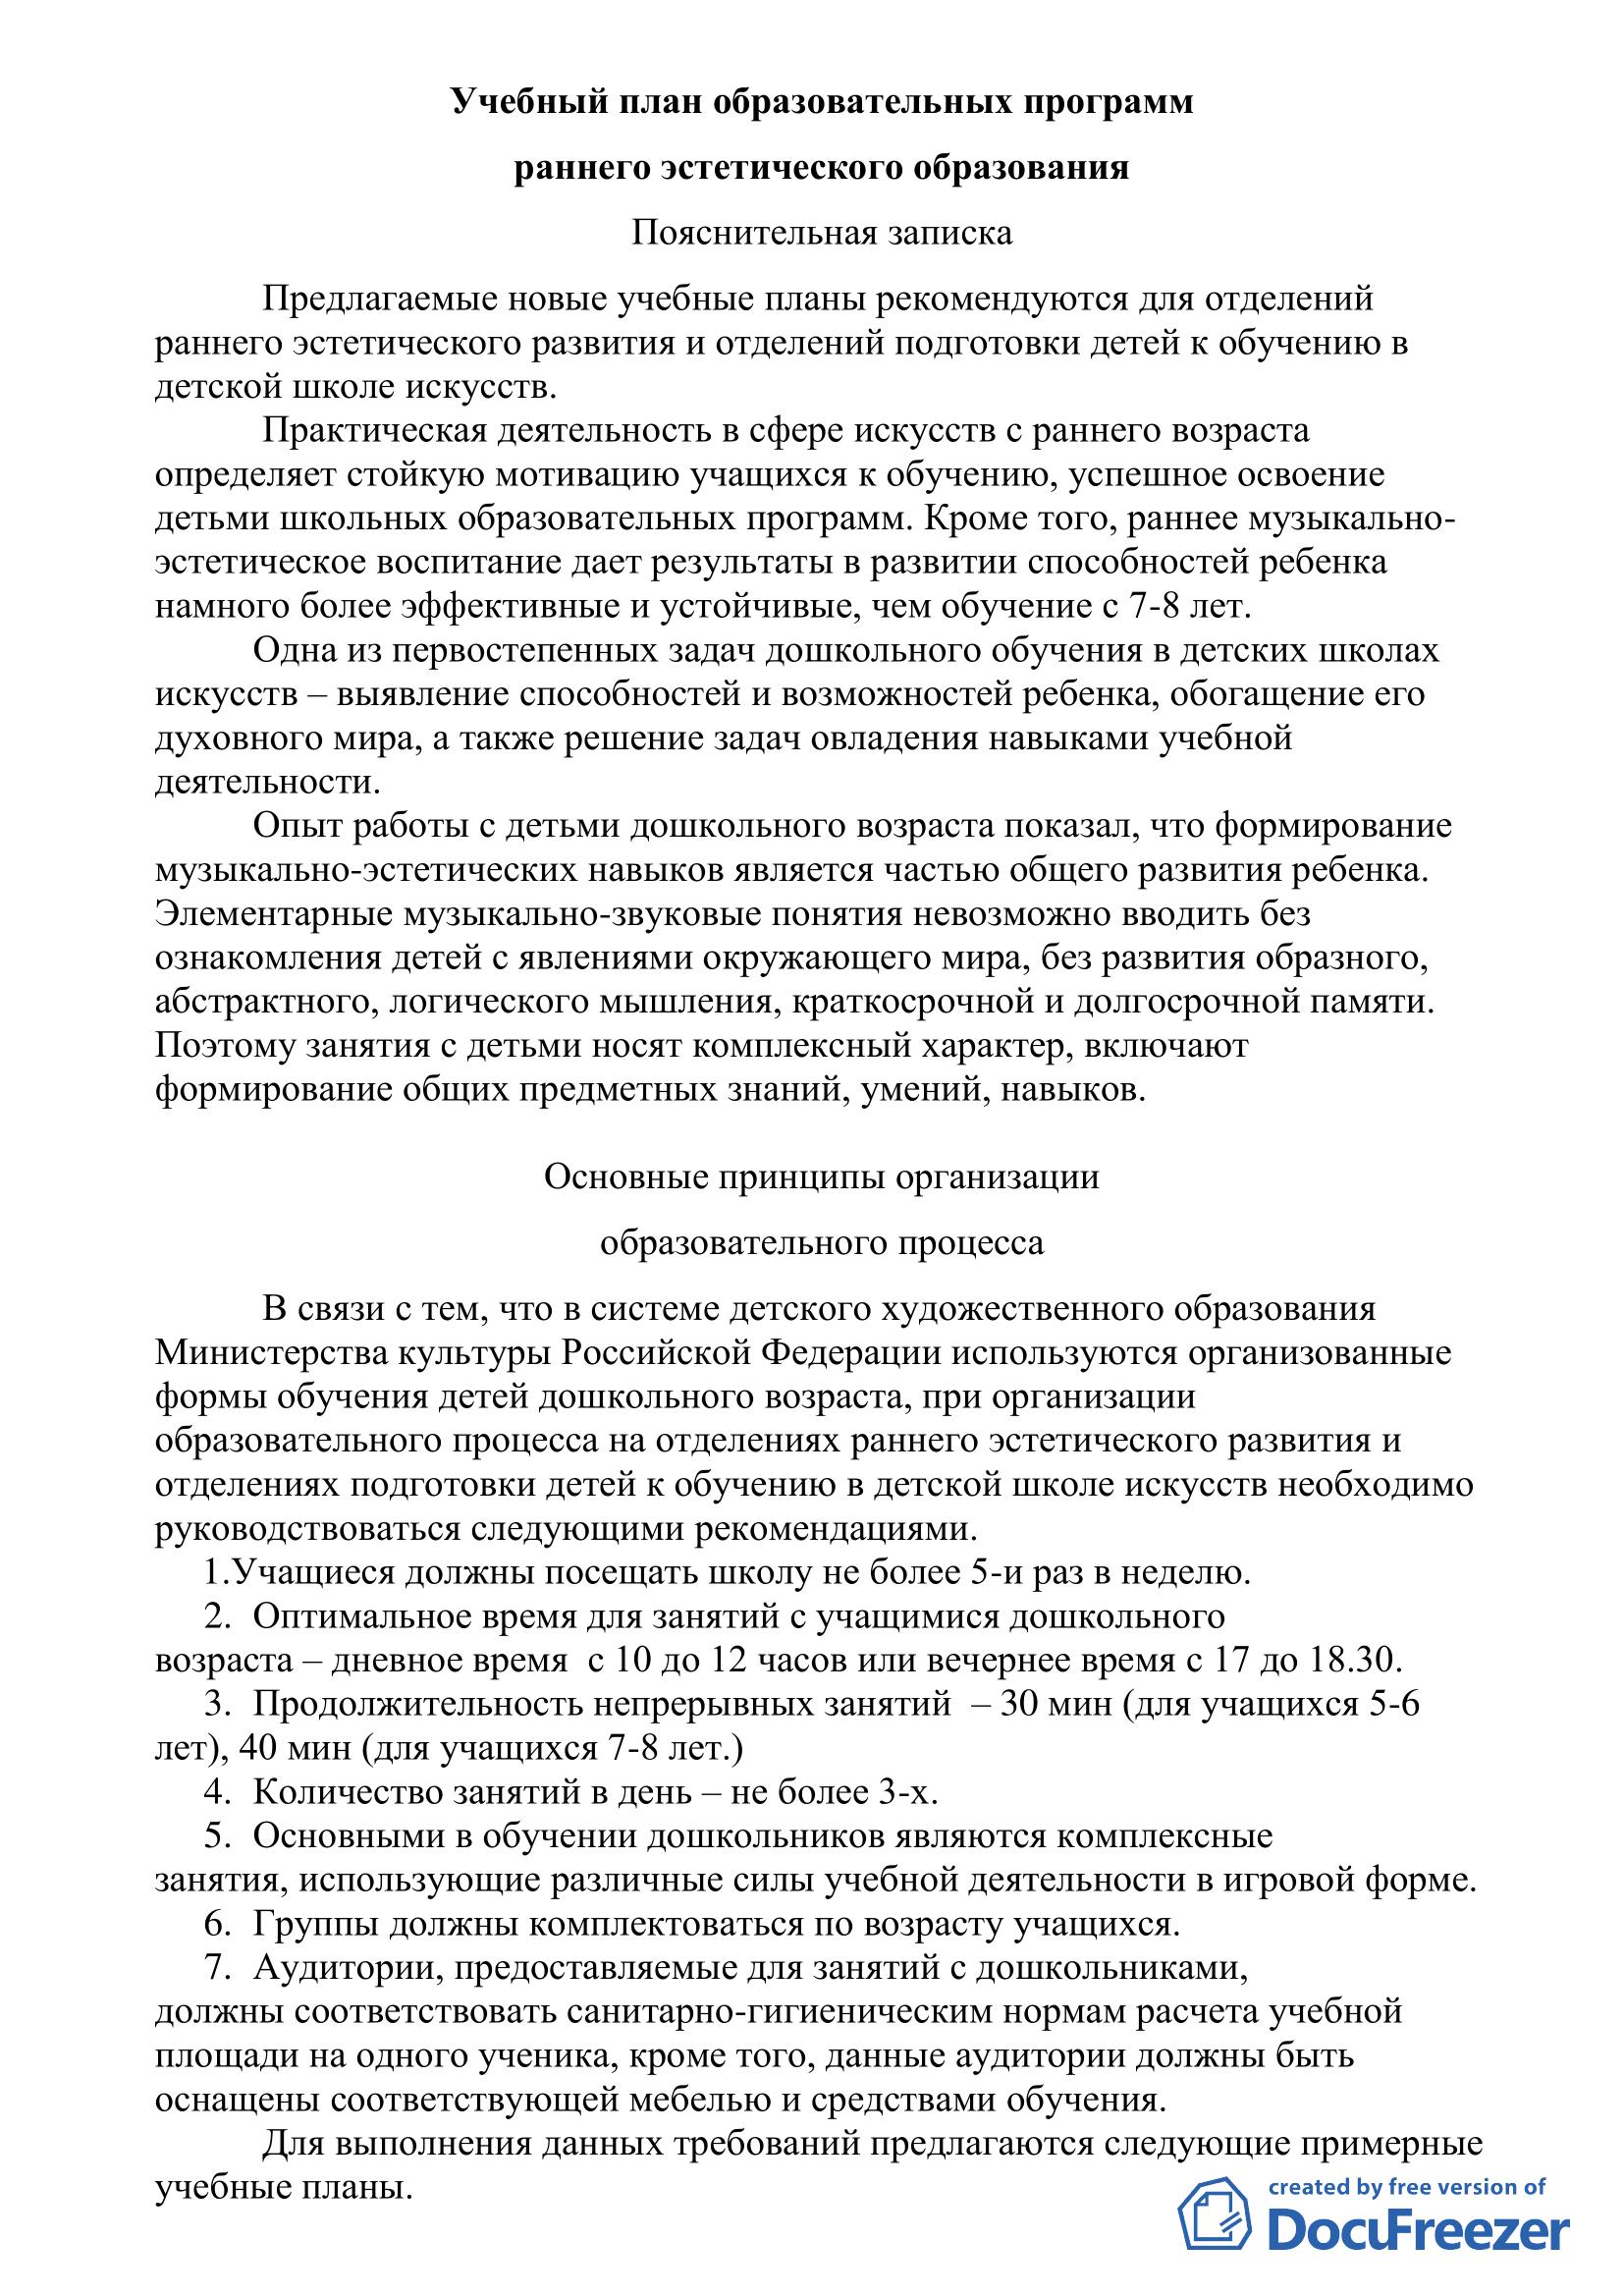 Рабочий учебный план эстет. обр. 2015-2016 уг_2